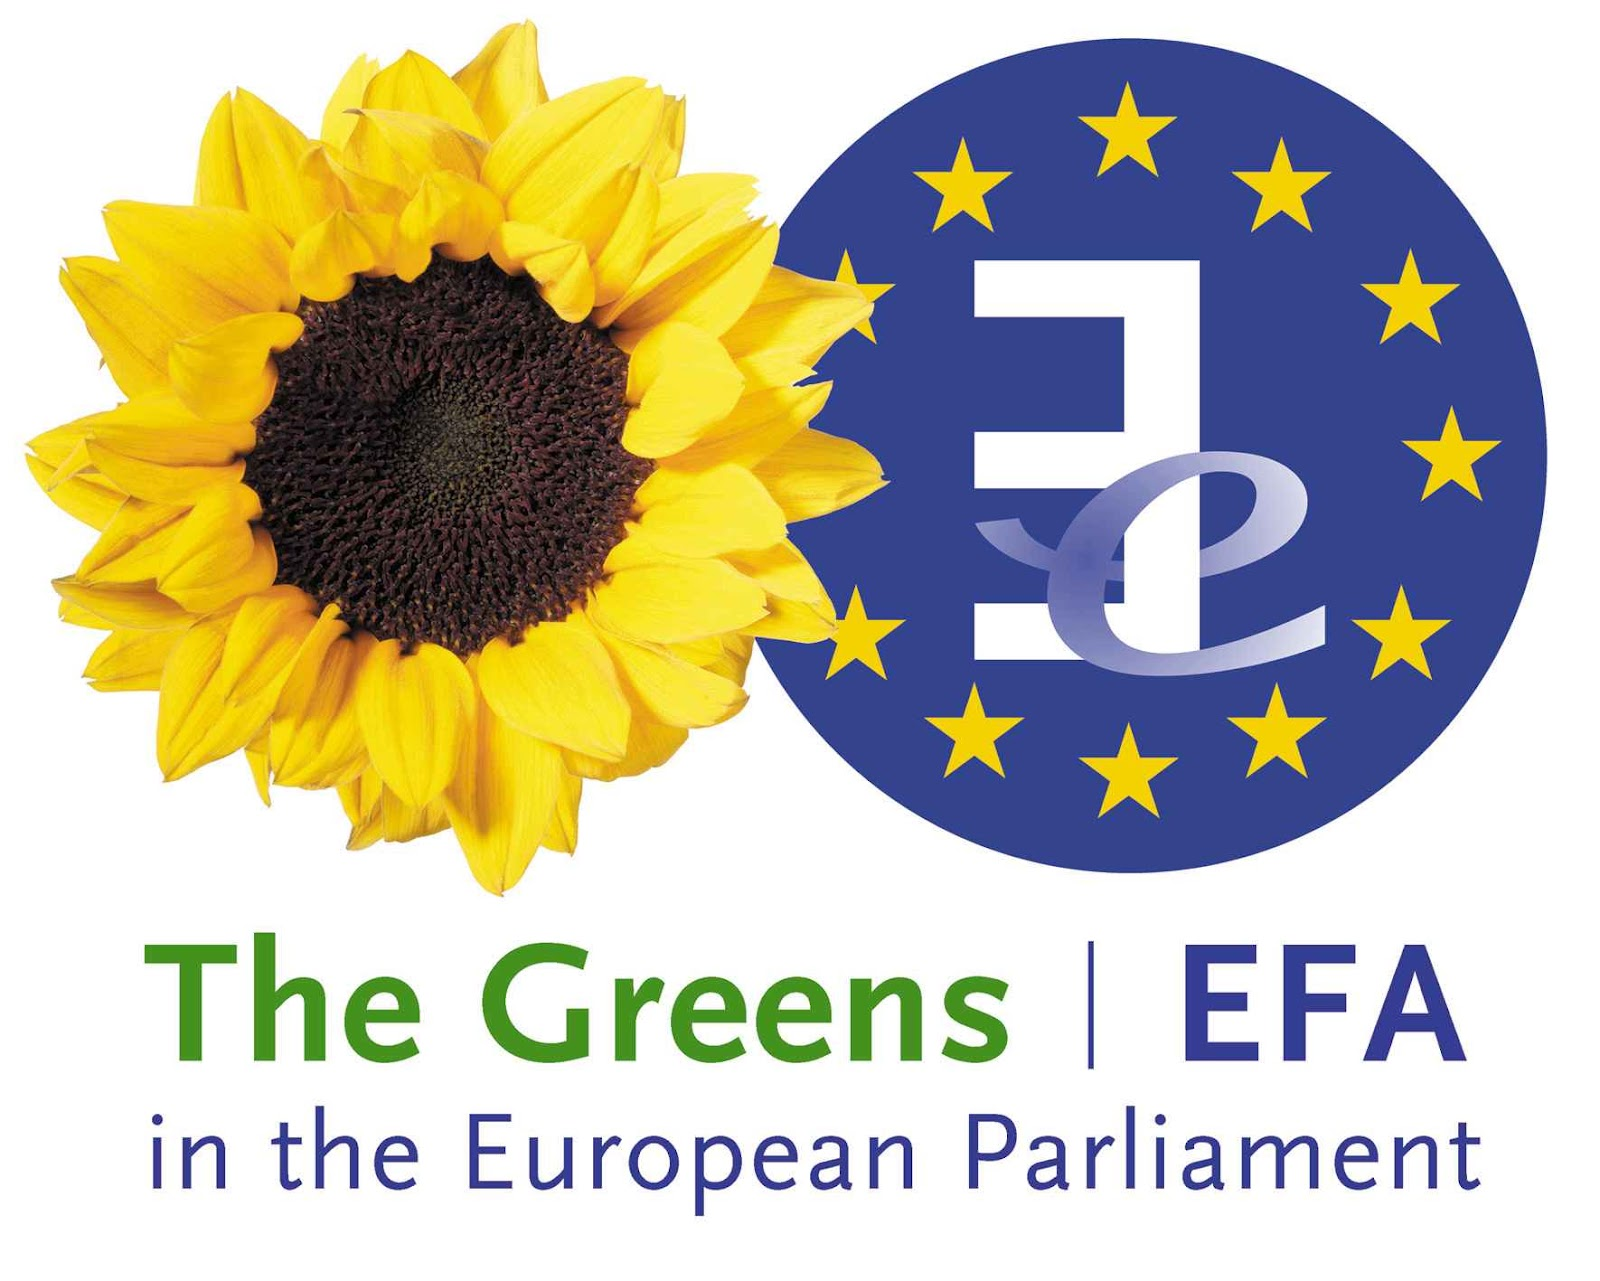 GreensEFA15-12-cm_EN-square.jpg